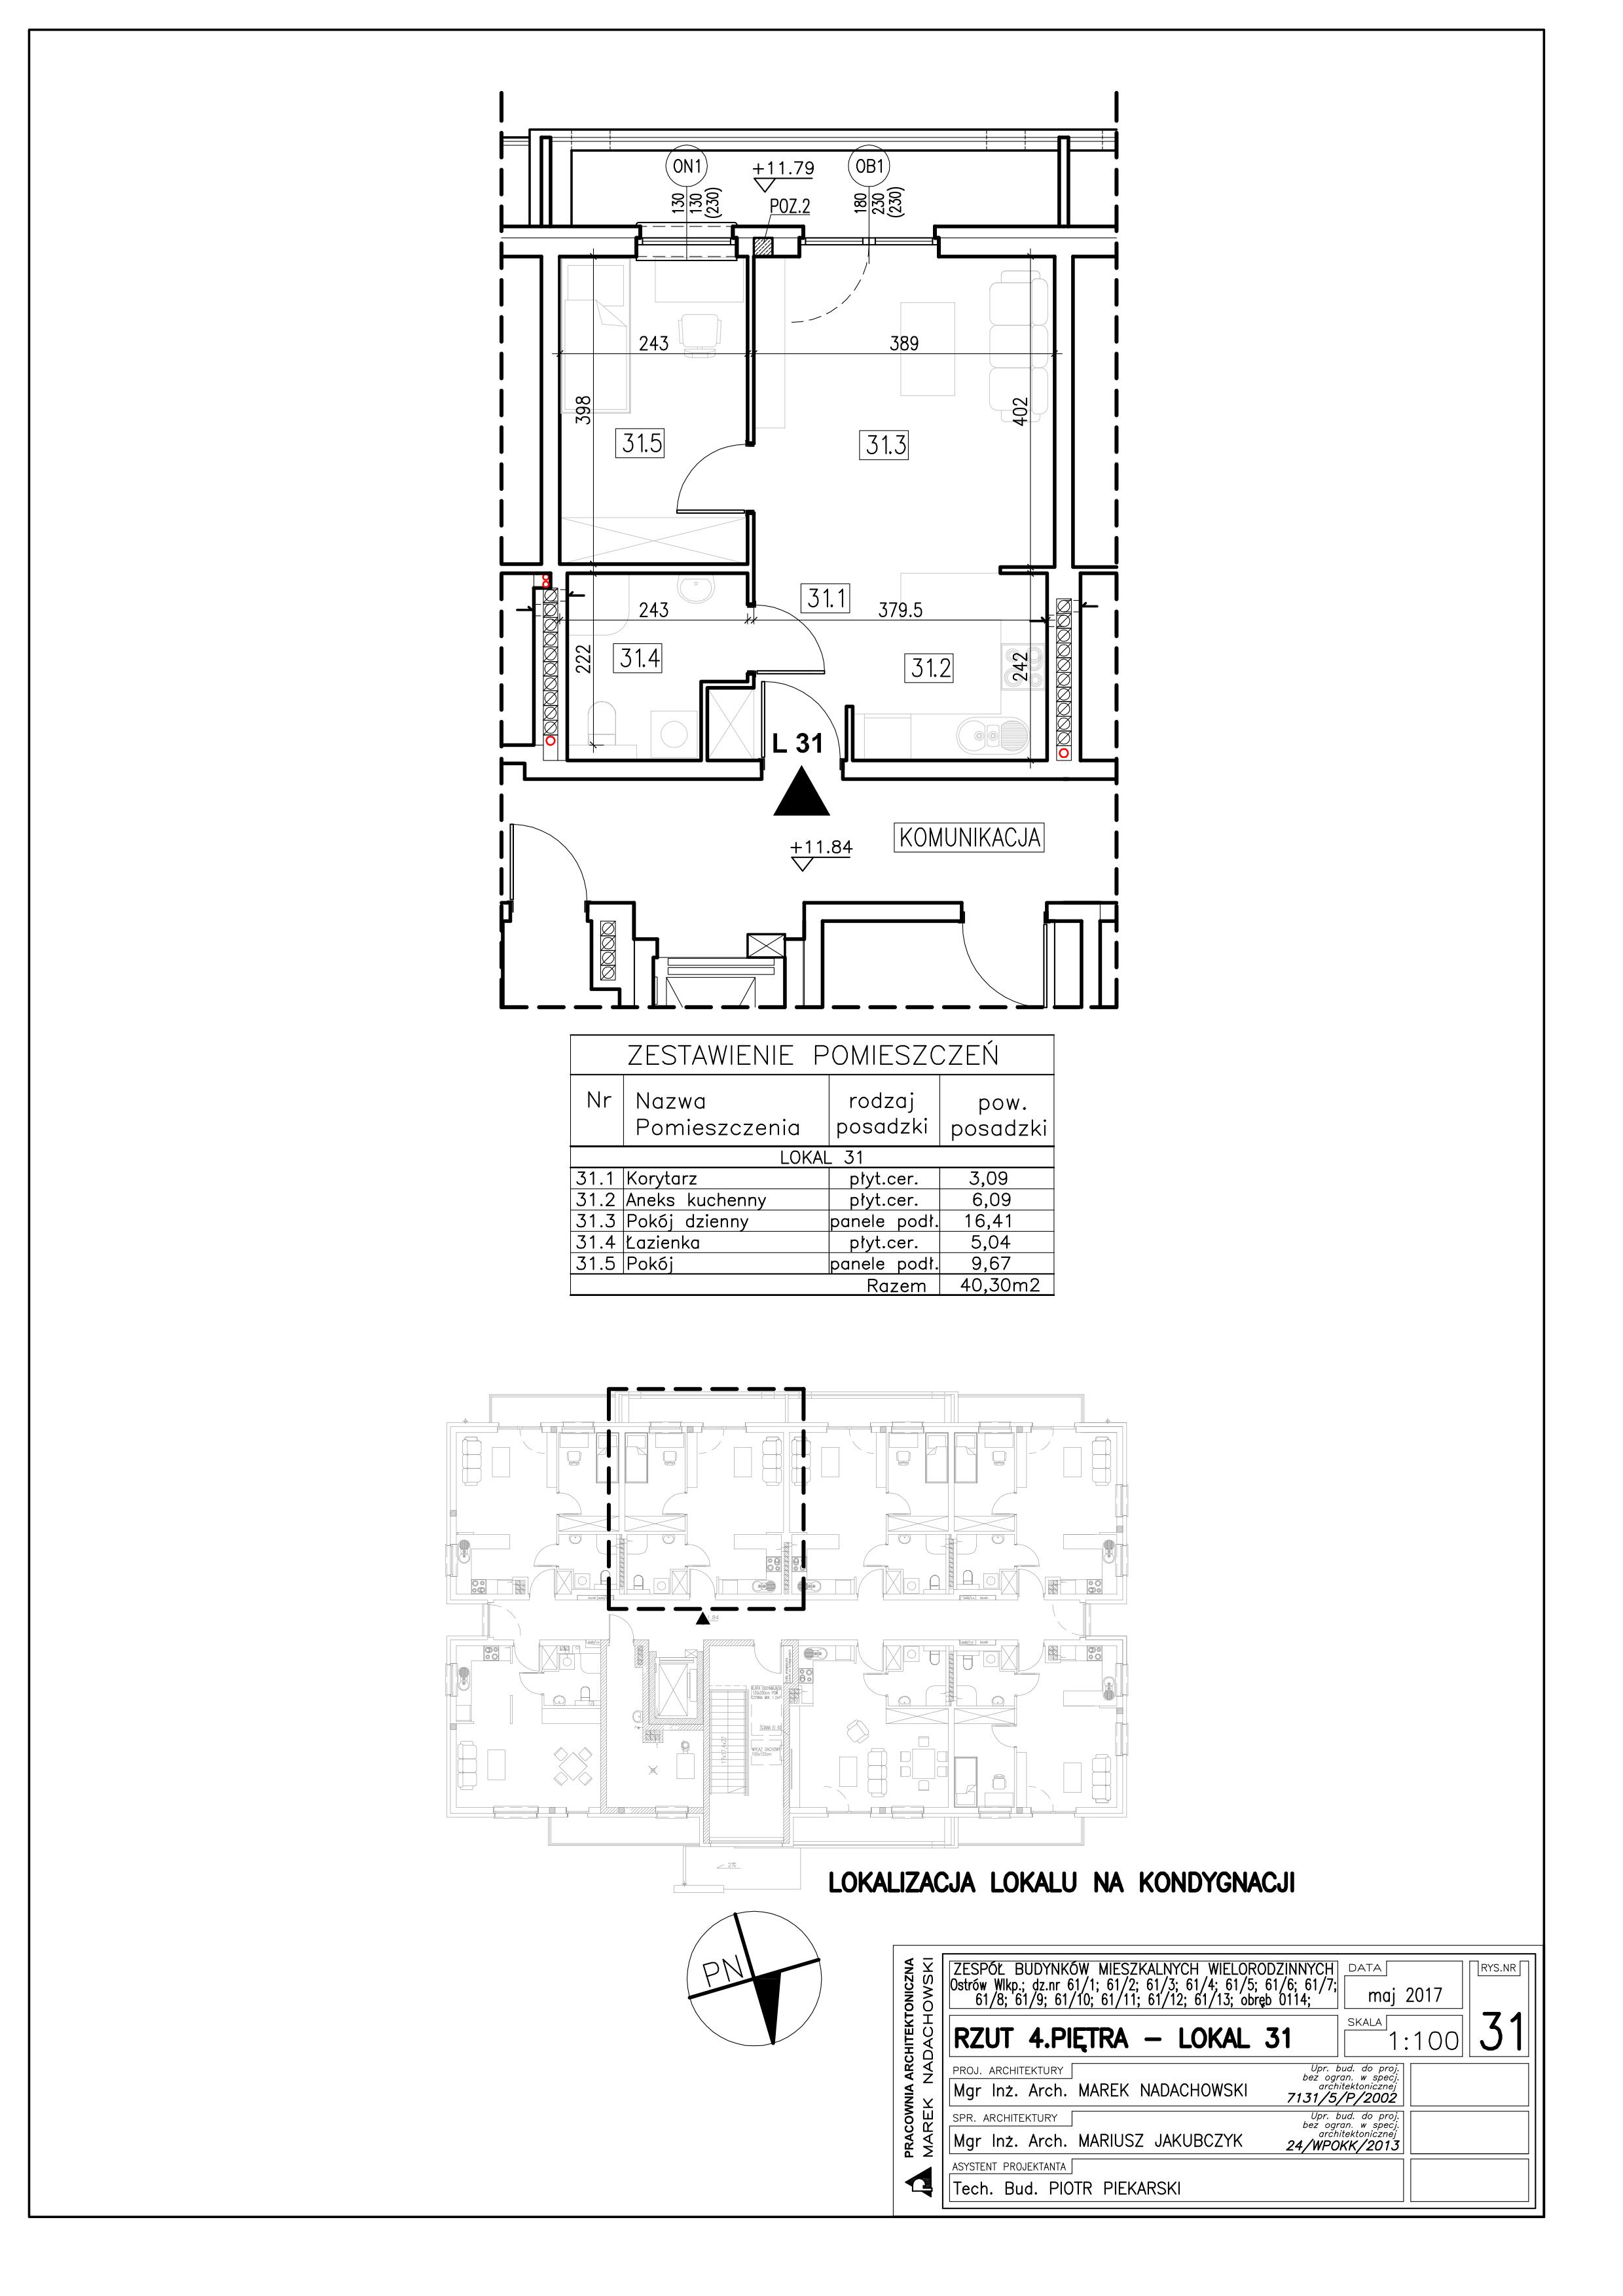 Lokal nr 31 Powierzchnia: 40,30 m2